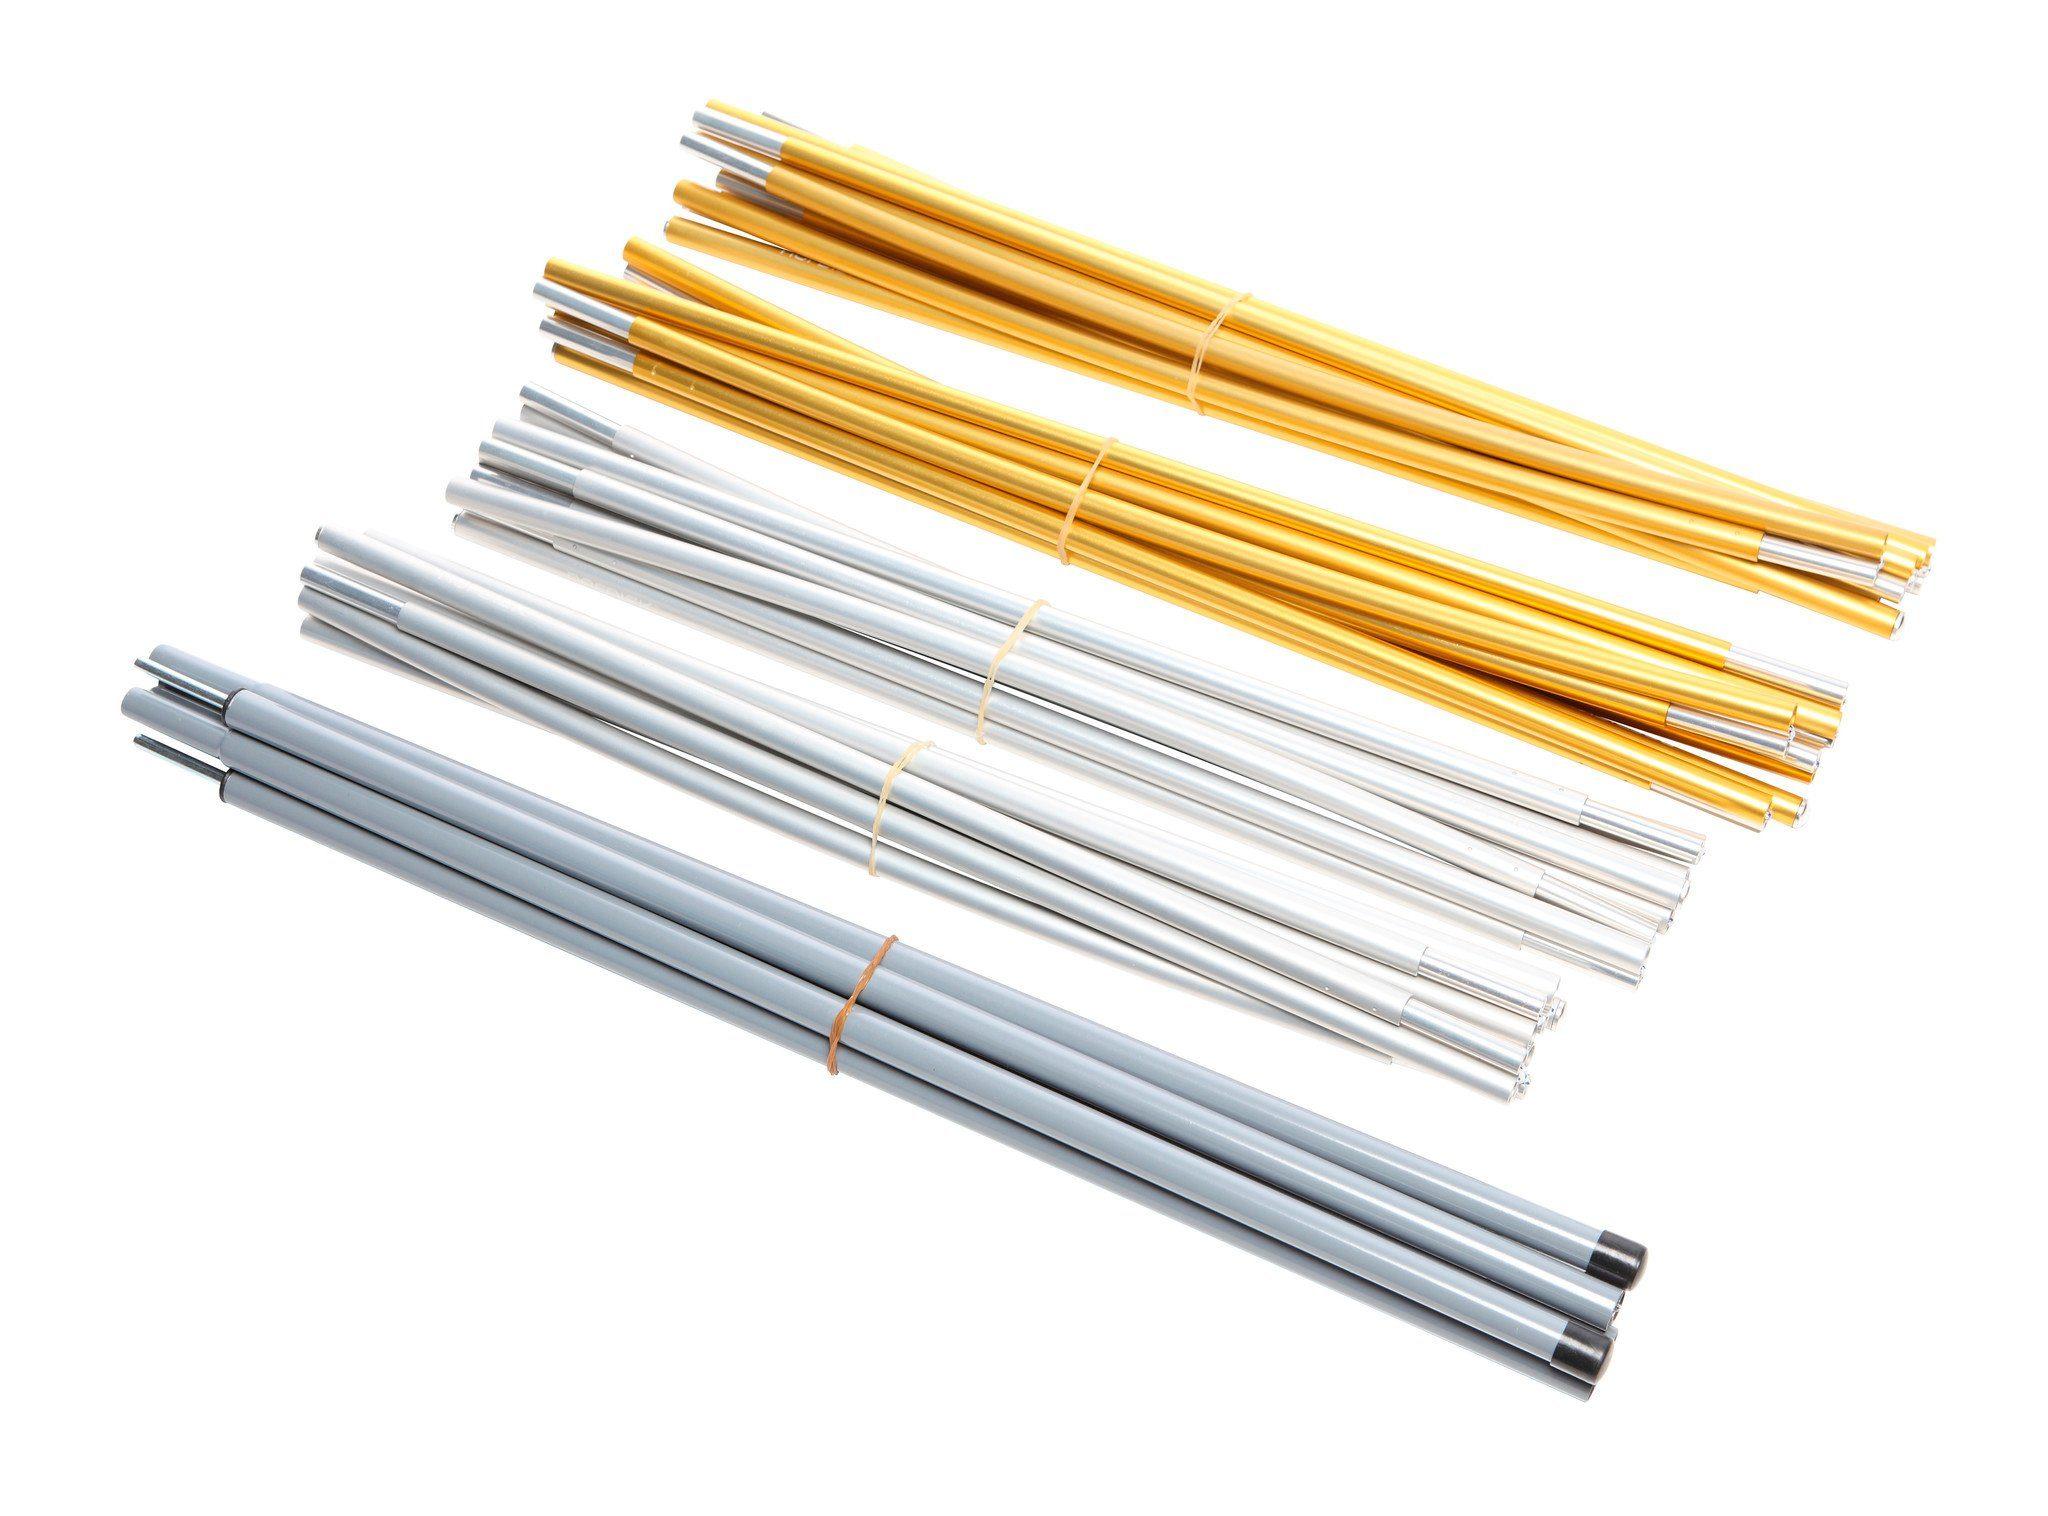 Nordisk Zeltzubehör »Reisa 6 PU Sparpole Set, Aluminium«